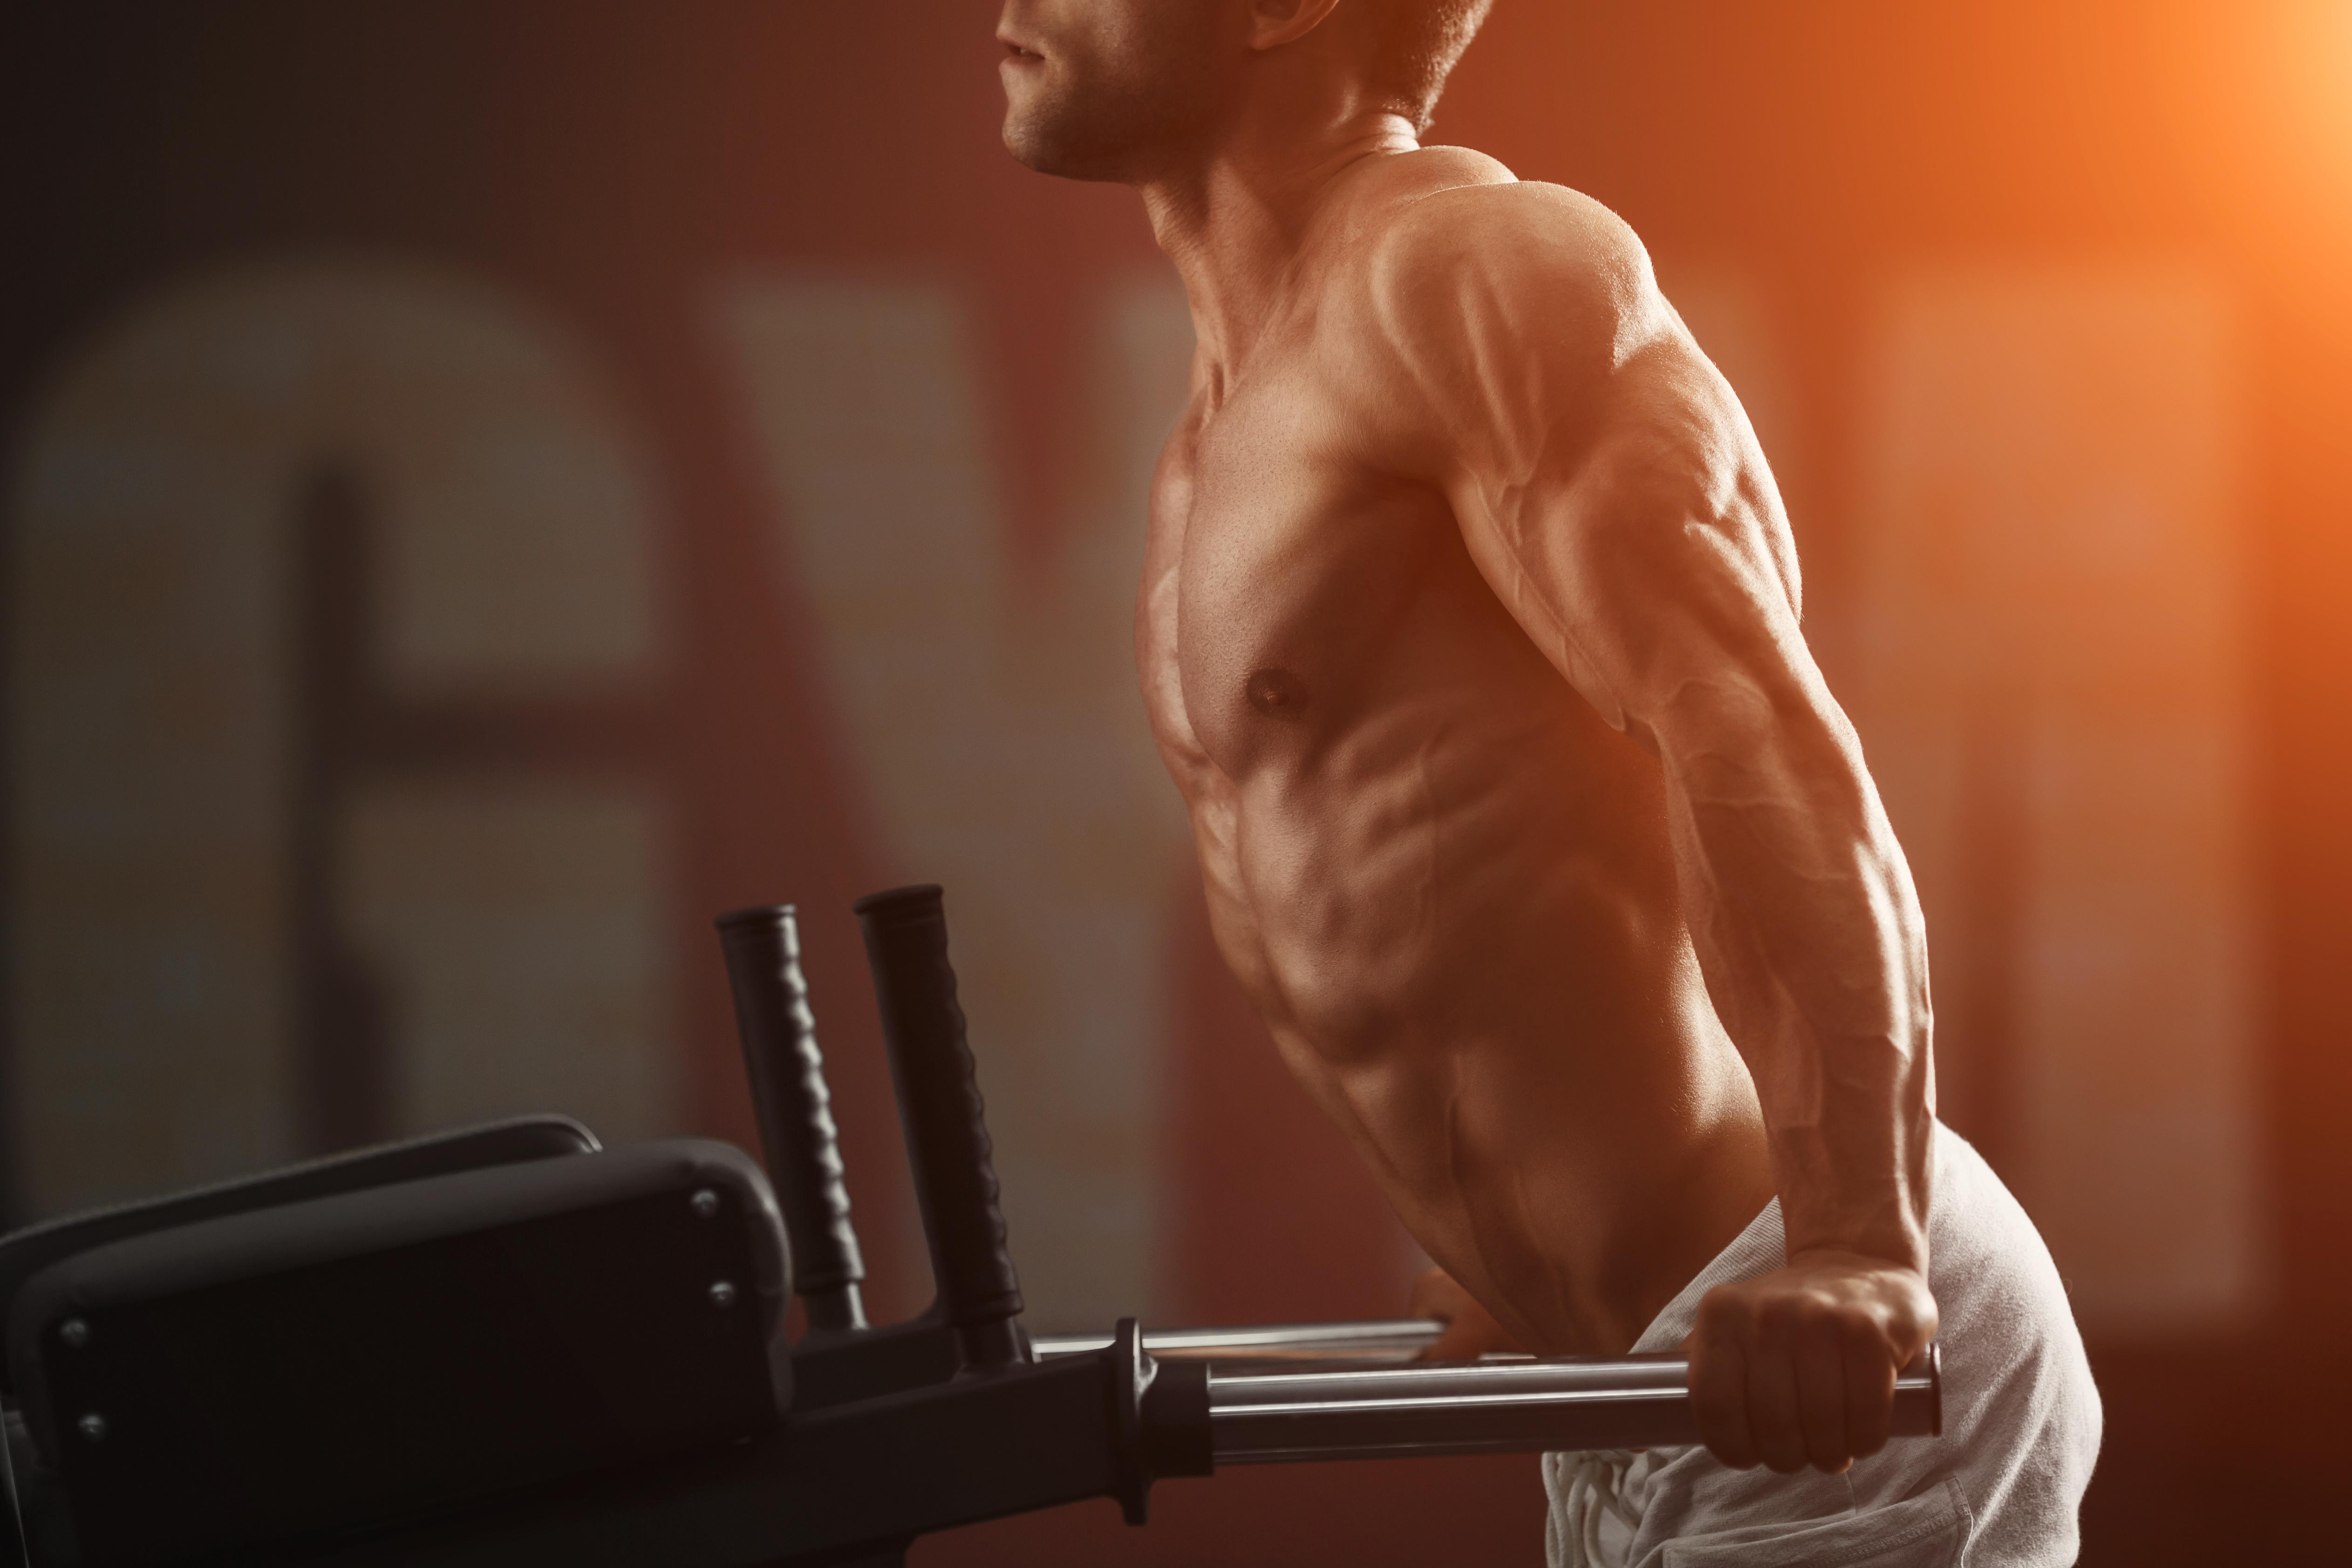 ディップスで筋肉を鍛える男性